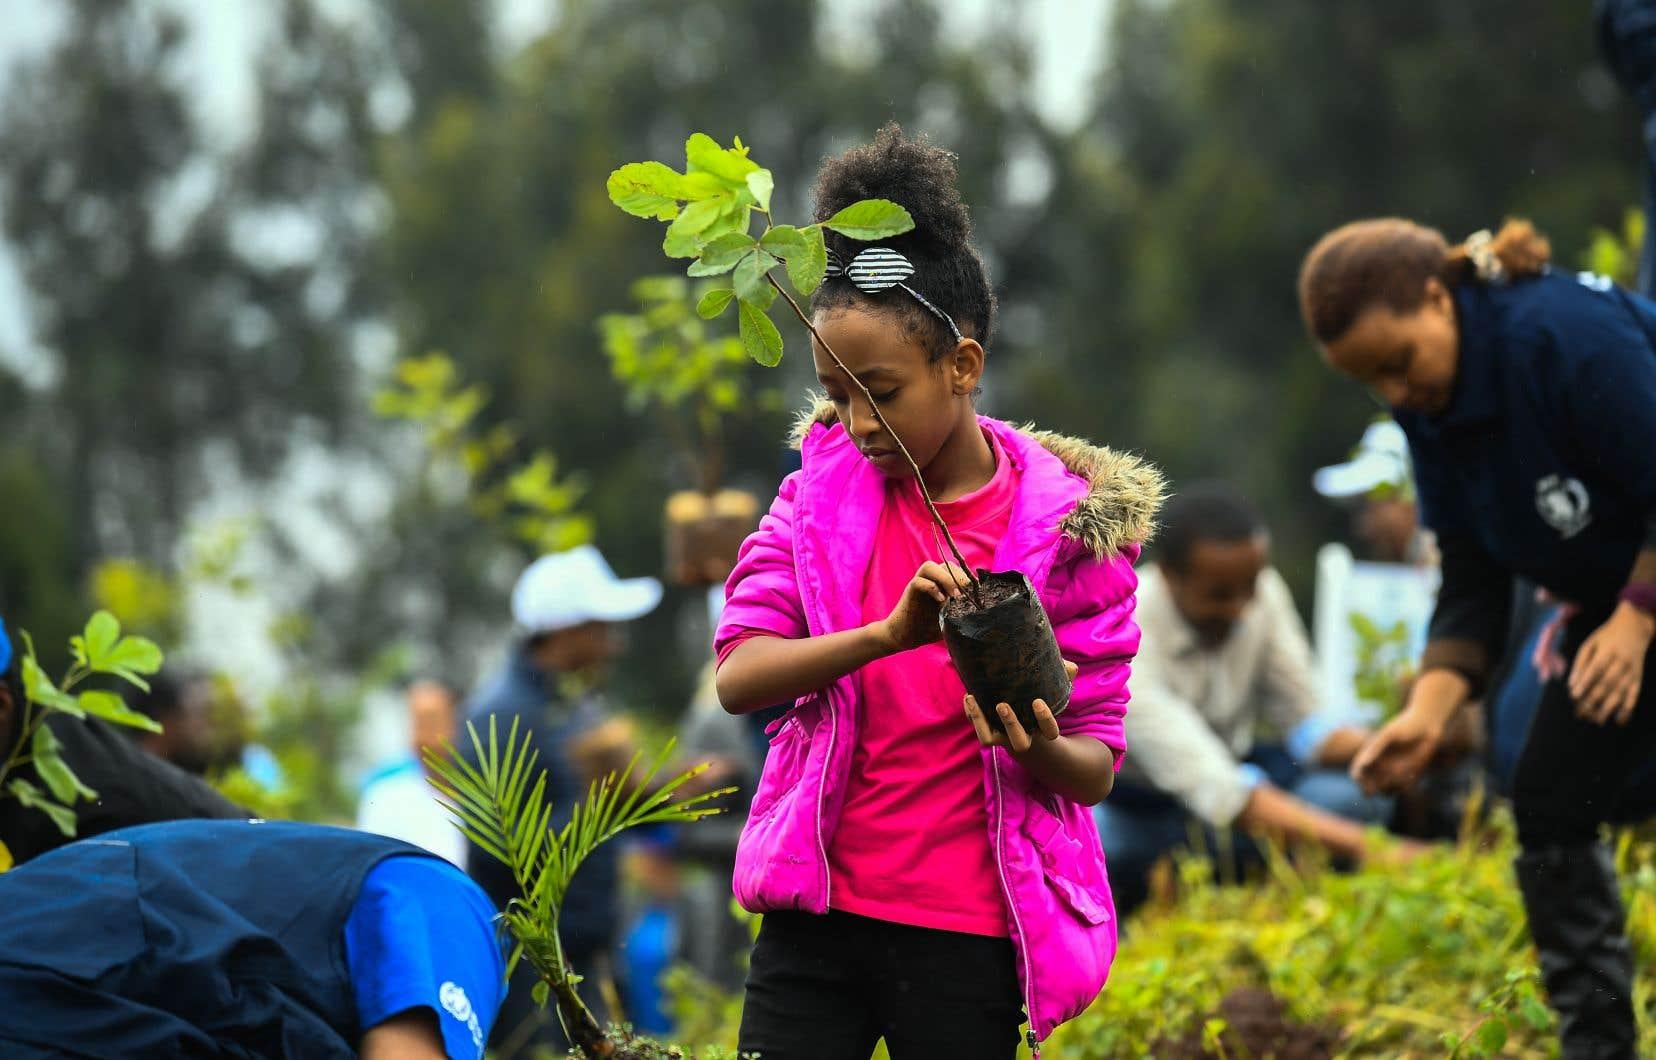 L'Éthiopie veut planter 4milliards d'arbres d'ici octobre. Une jeune fille a participé à l'effort du pays, dans la capitale, Addis-Abeba, en juillet.